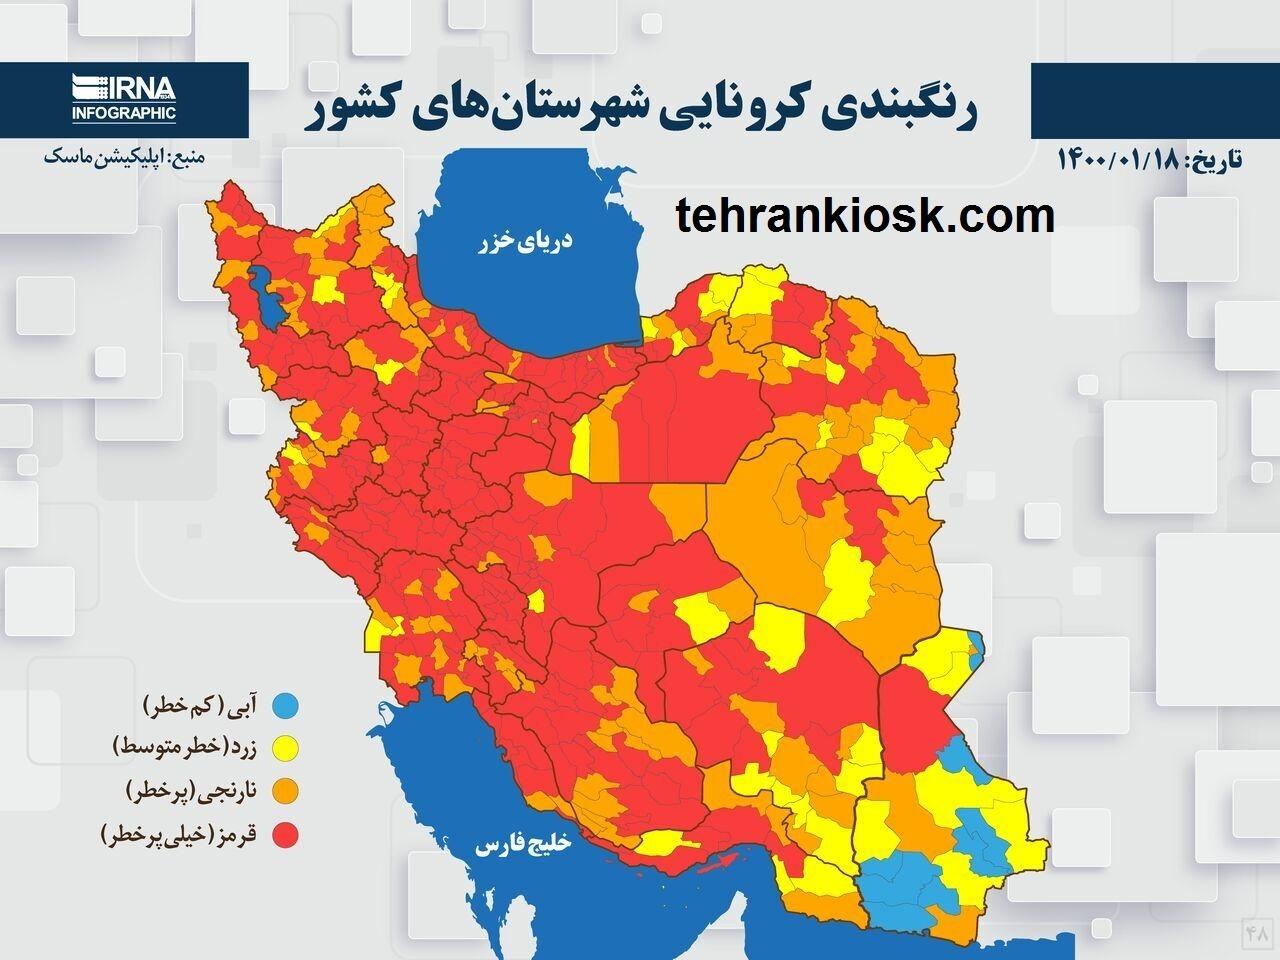 وضعیت قرمز کرونایی در تمامی مراکز استان و همچنین کلانشهرهای کشور